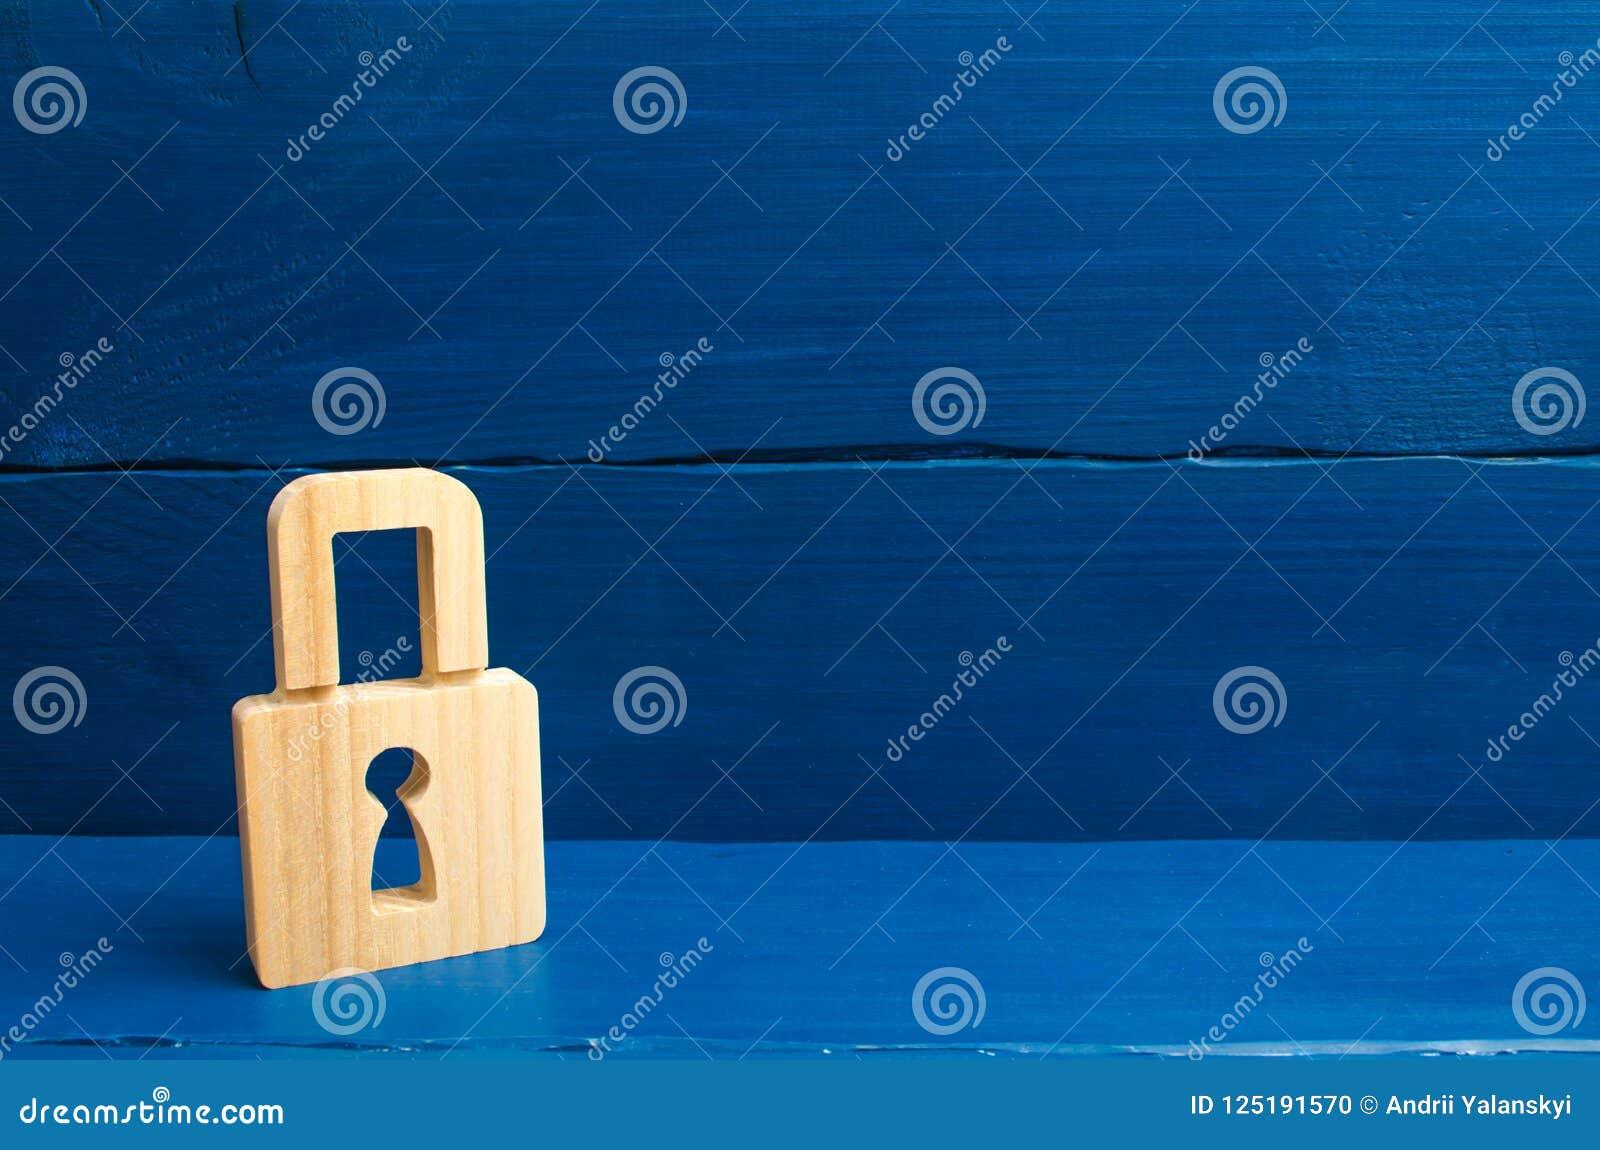 Ένα ξύλινο λουκέτο σε ένα μπλε υπόβαθρο, πληροφορίες, είσοδος Οι ξύλινοι αριθμοί των προσώπων φέρνουν τις φρουρές από τα κακά άτο